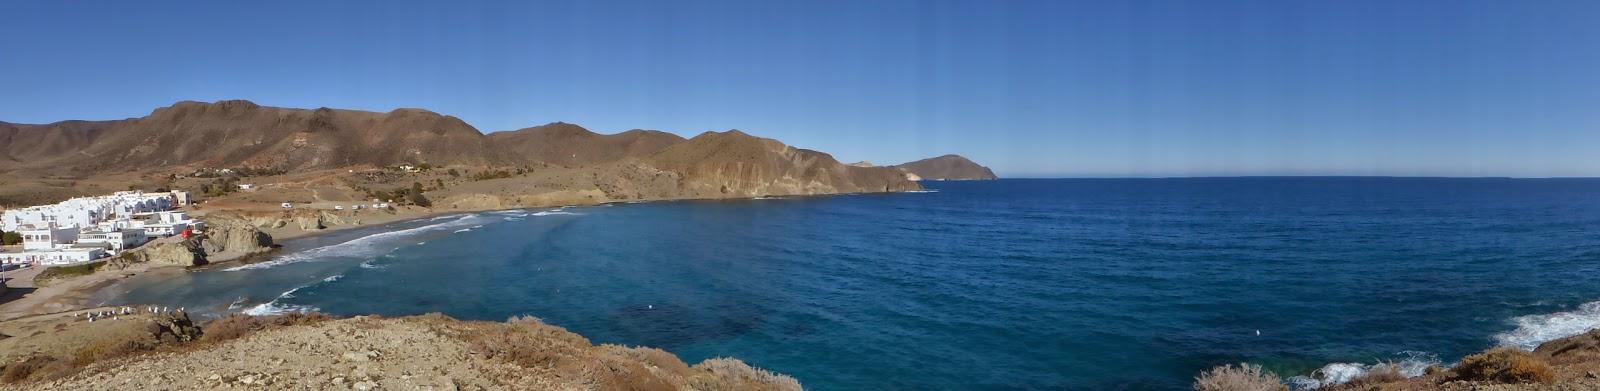 Playa La Isleta del Moro